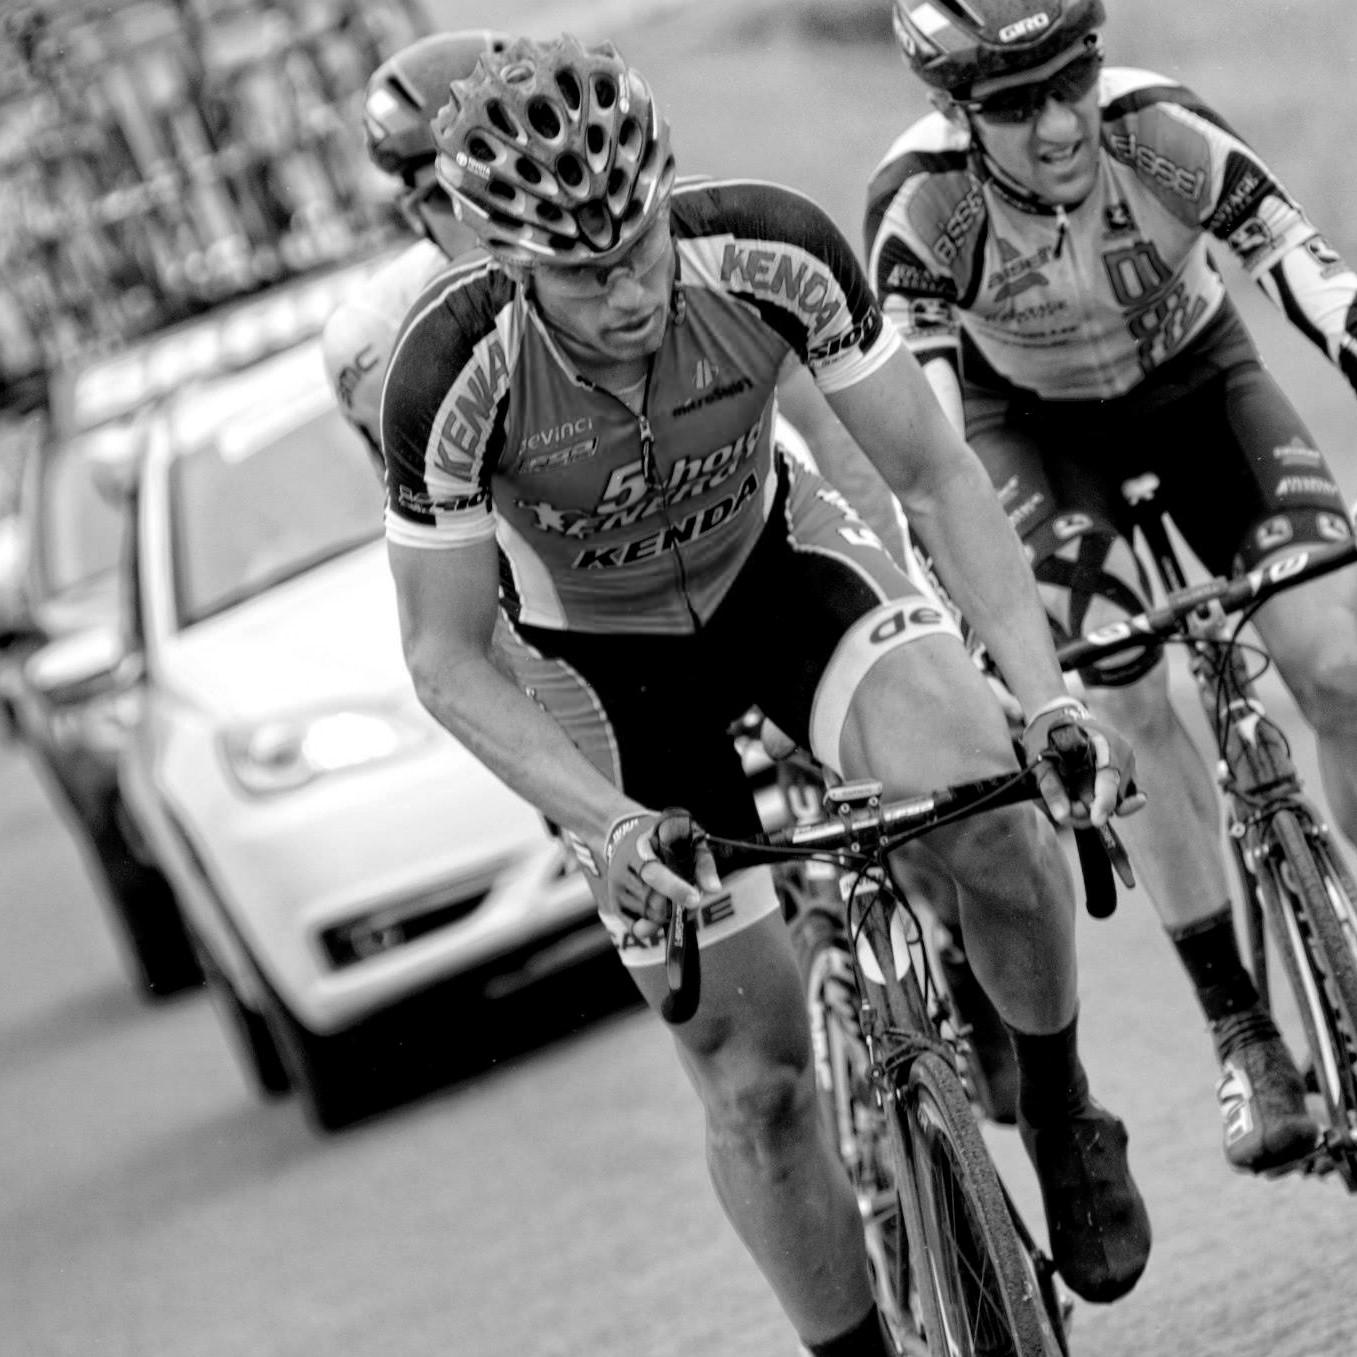 Coach - Triathlon and Road Cycling